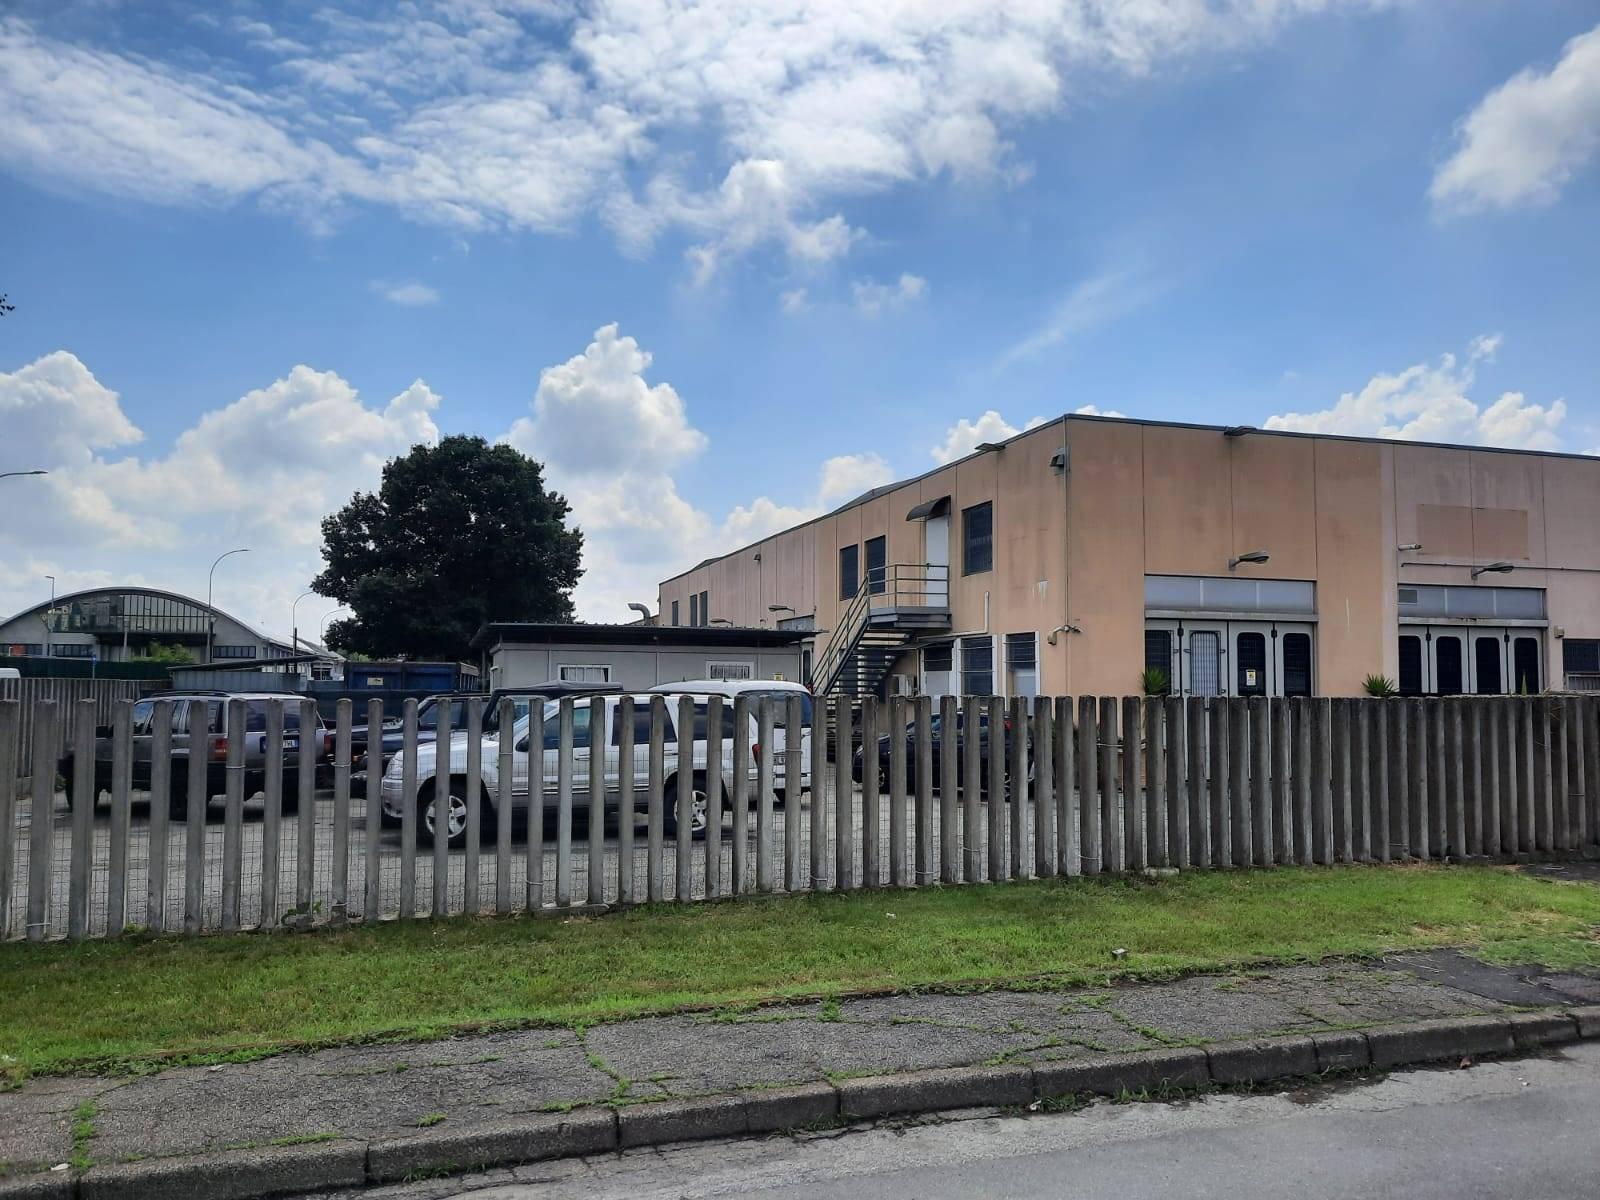 PIOLTELLO - Via Brescia 40, zona industriale Seggiano, 200 mt da strada Cassanese, capannone mq 200, angolare disposto su 2 piani con uffici, doppi